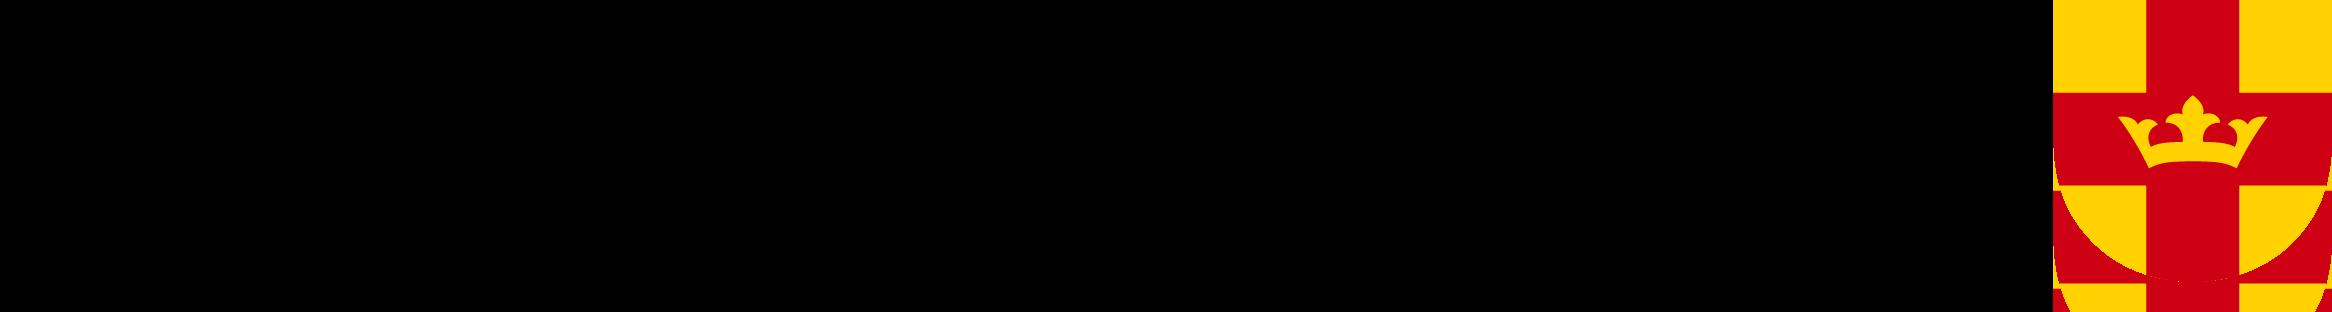 sk_logo_rgb2